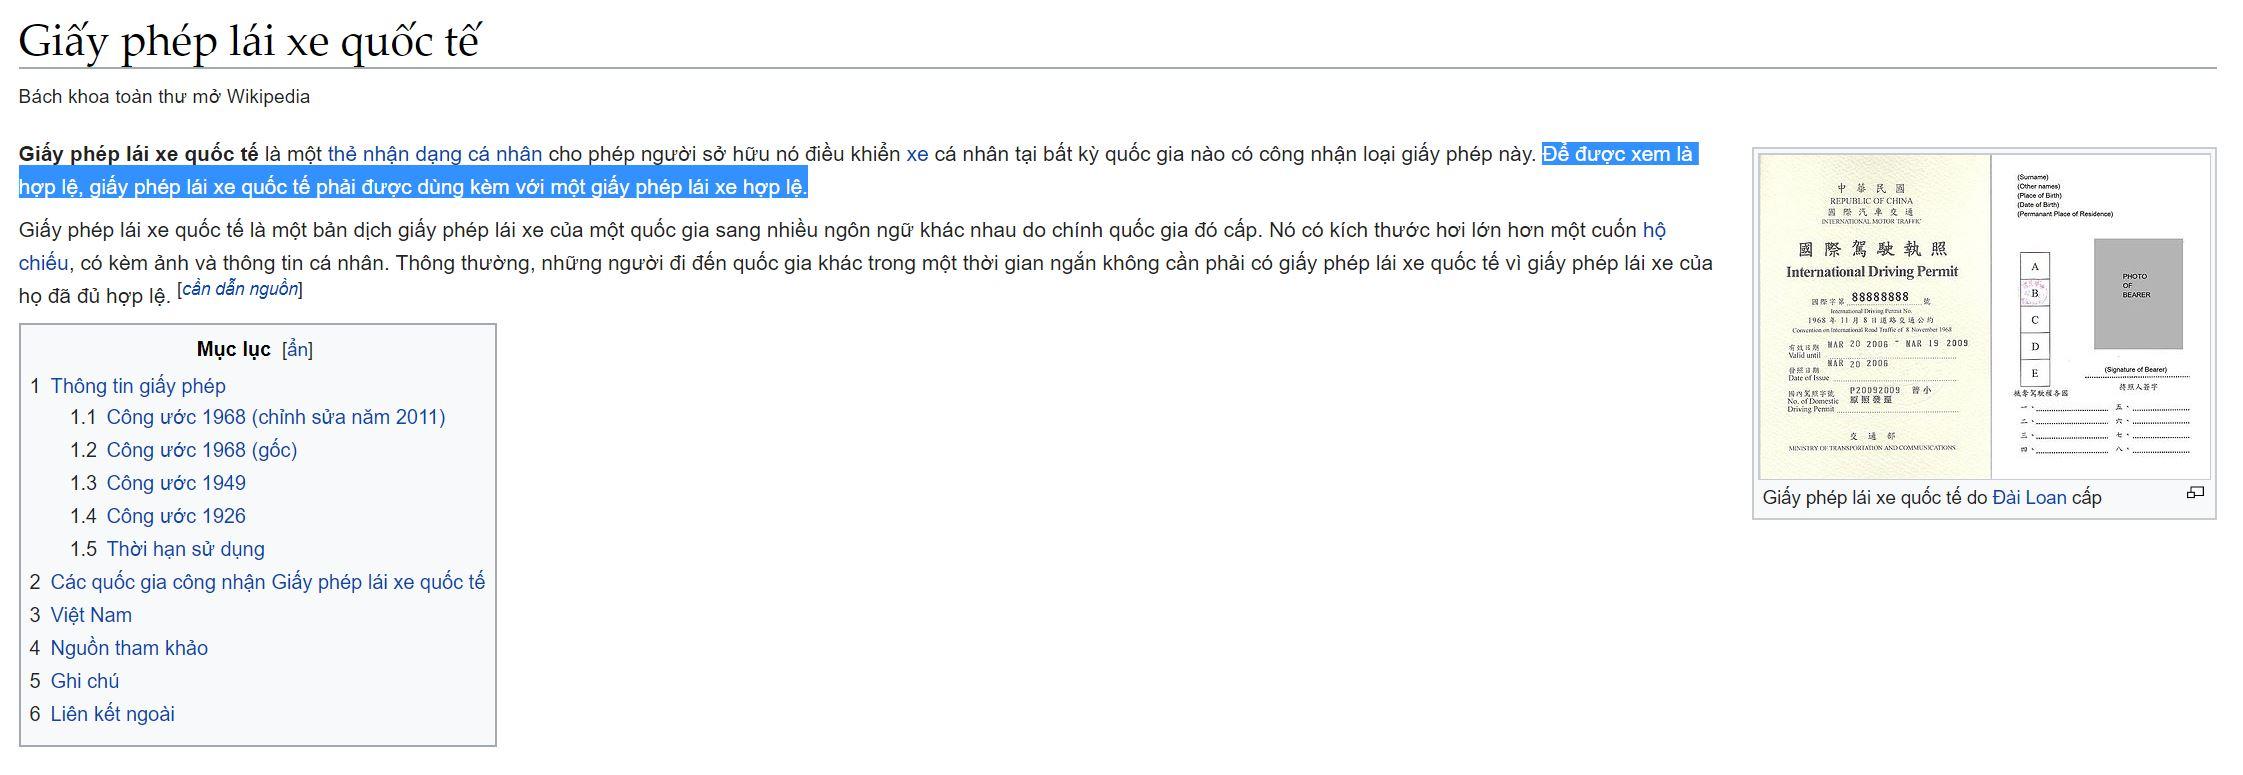 Tra trên Wiki về GPLX Quốc tế cũng có dòng lưu ý về việc sử dụng song song 2 bằng lái mới có giá trị